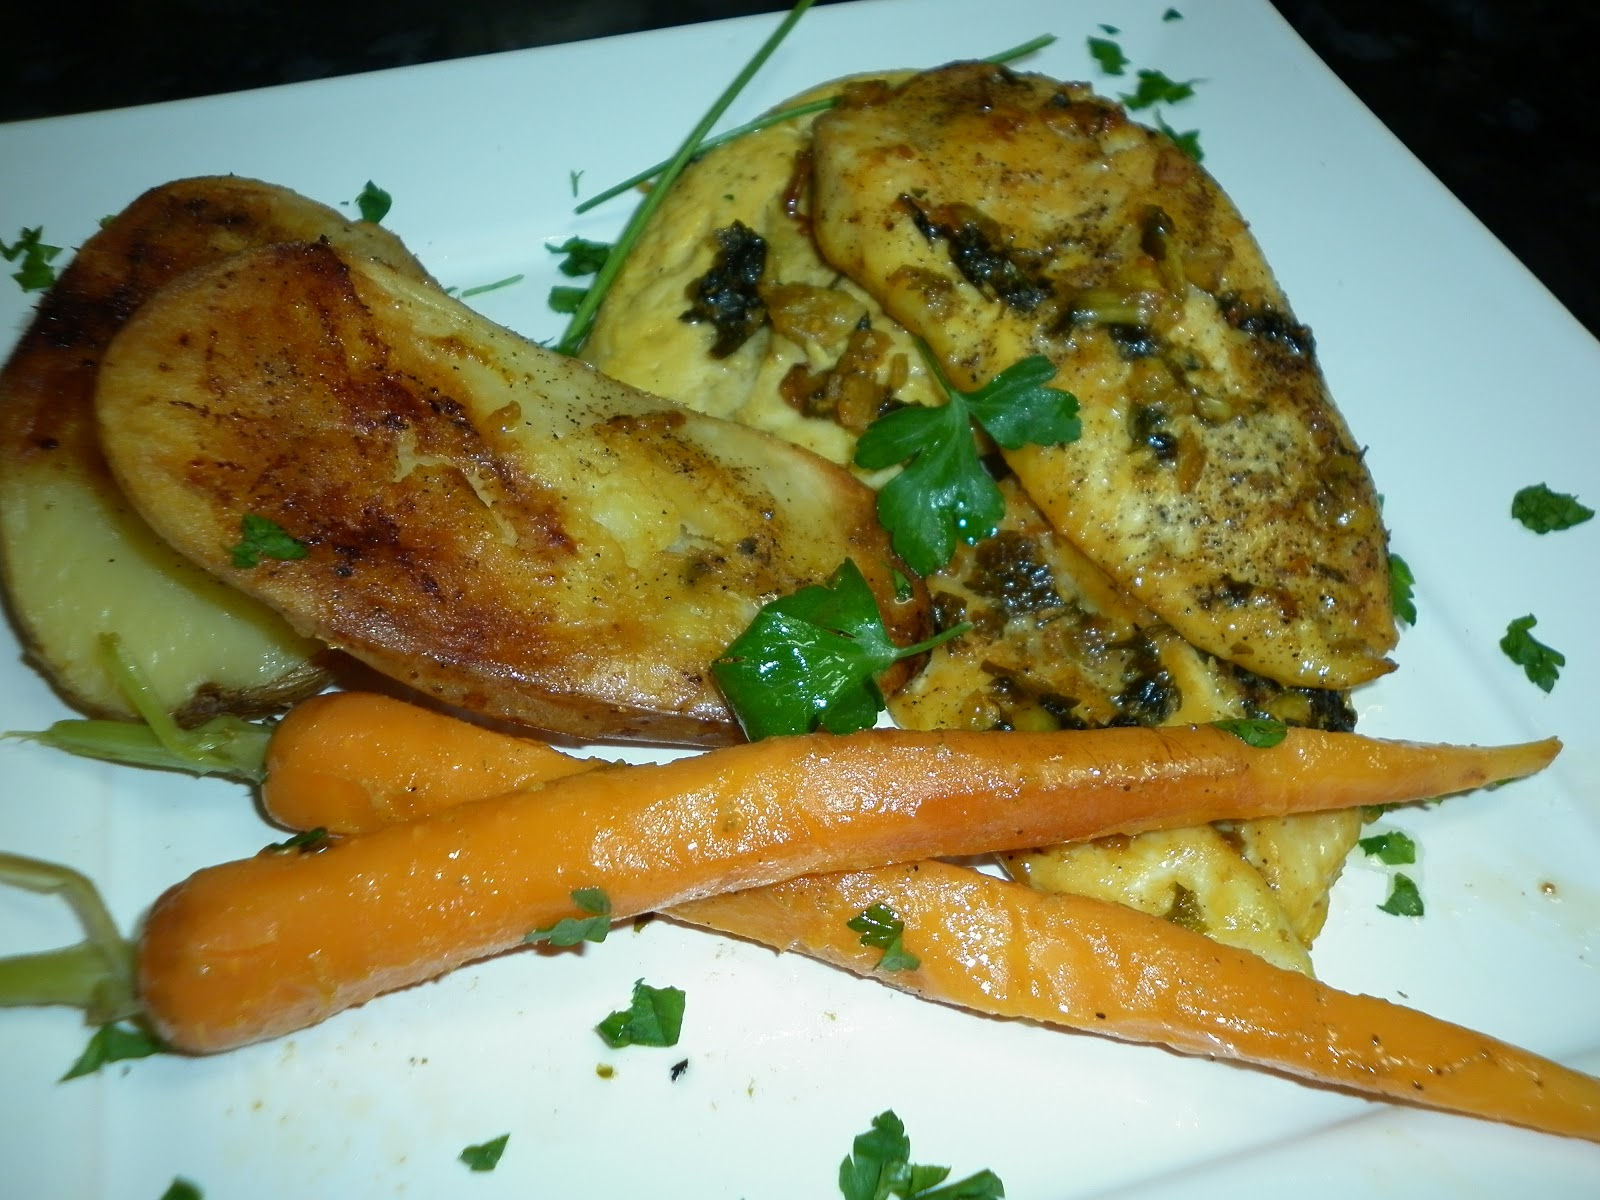 La cocina de puri pastor filetes de pollo al horno con - Pechugas de pollo al horno con patatas ...